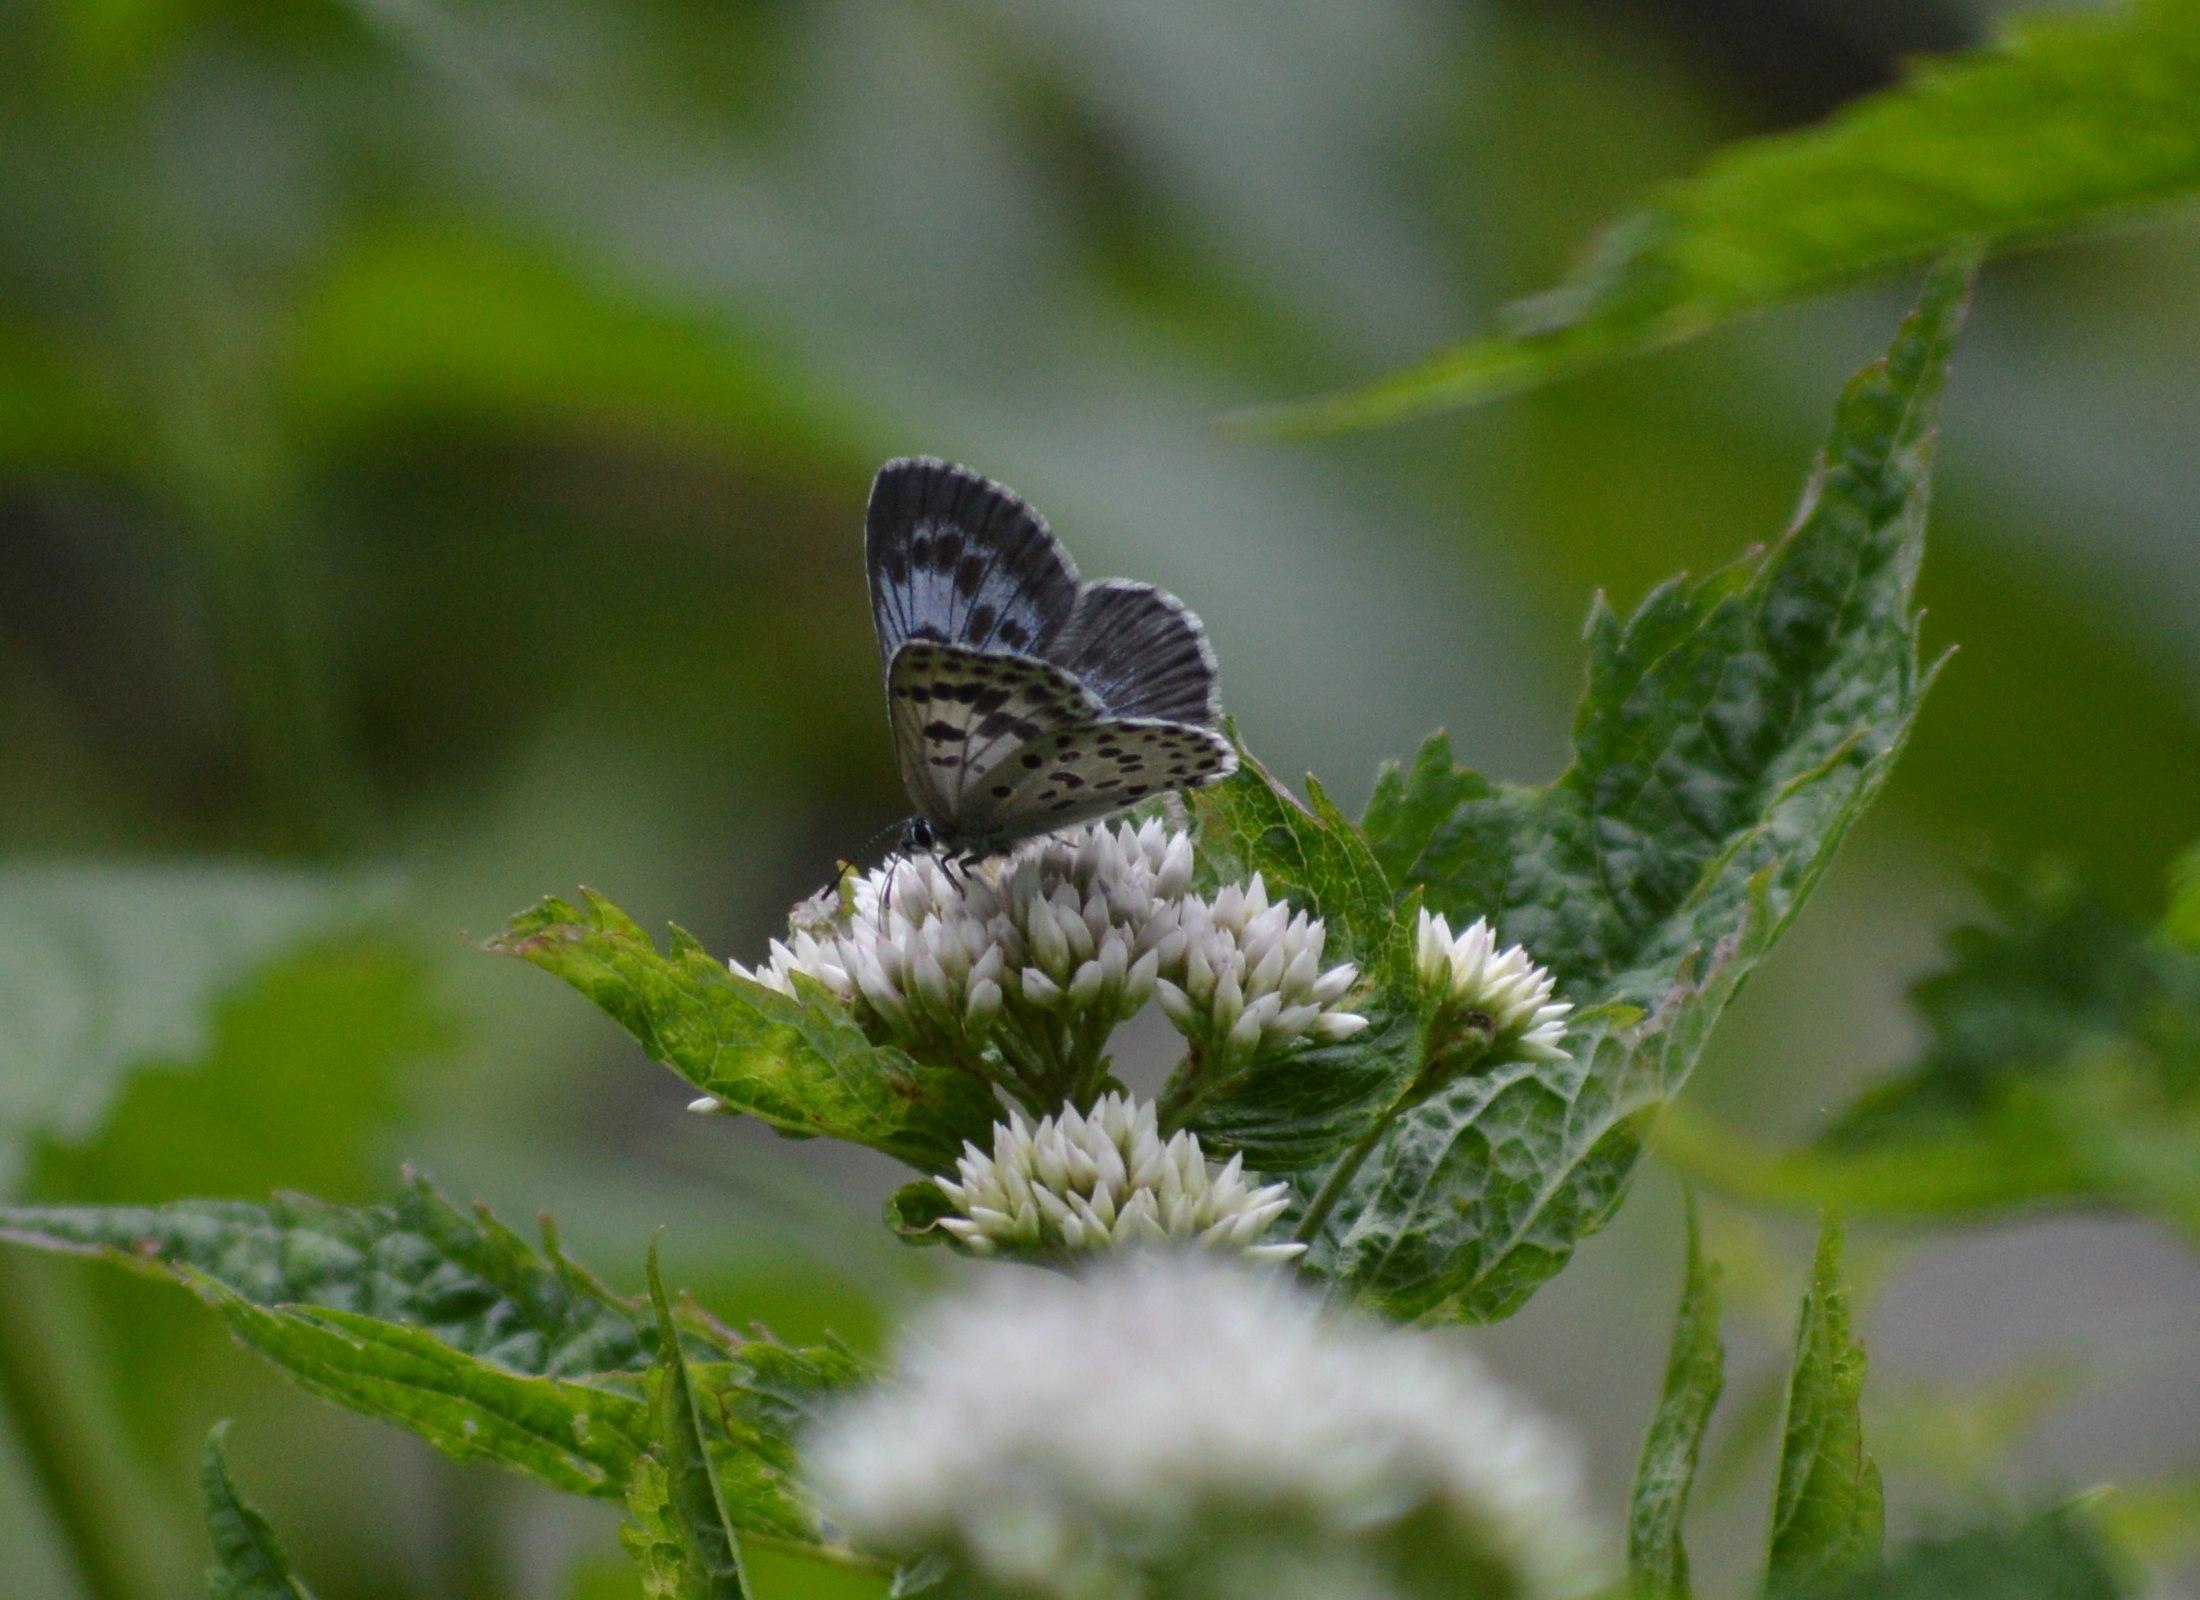 オオゴマシジミ やっぱりハードルの高い蝶でした_d0254540_4392920.jpg